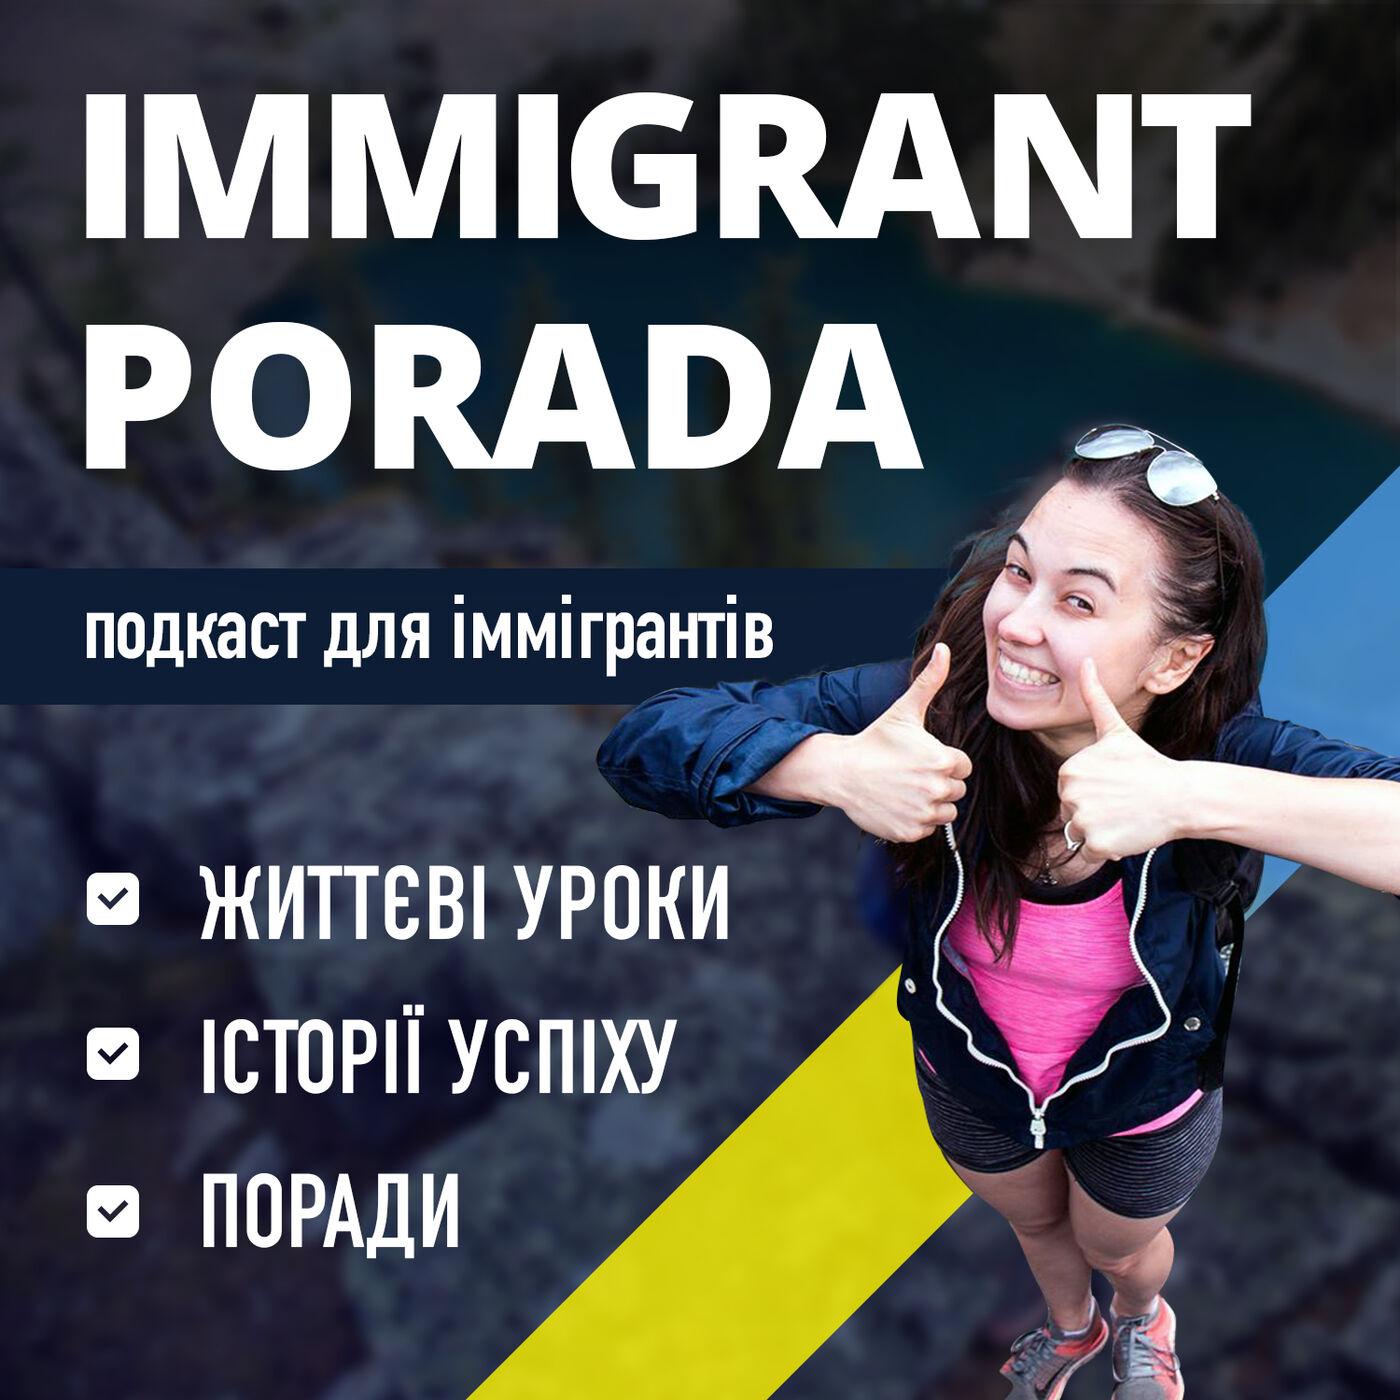 Immigrant Porada Подкаст для іммігрантів: поради, життєві уроки, історії успіху